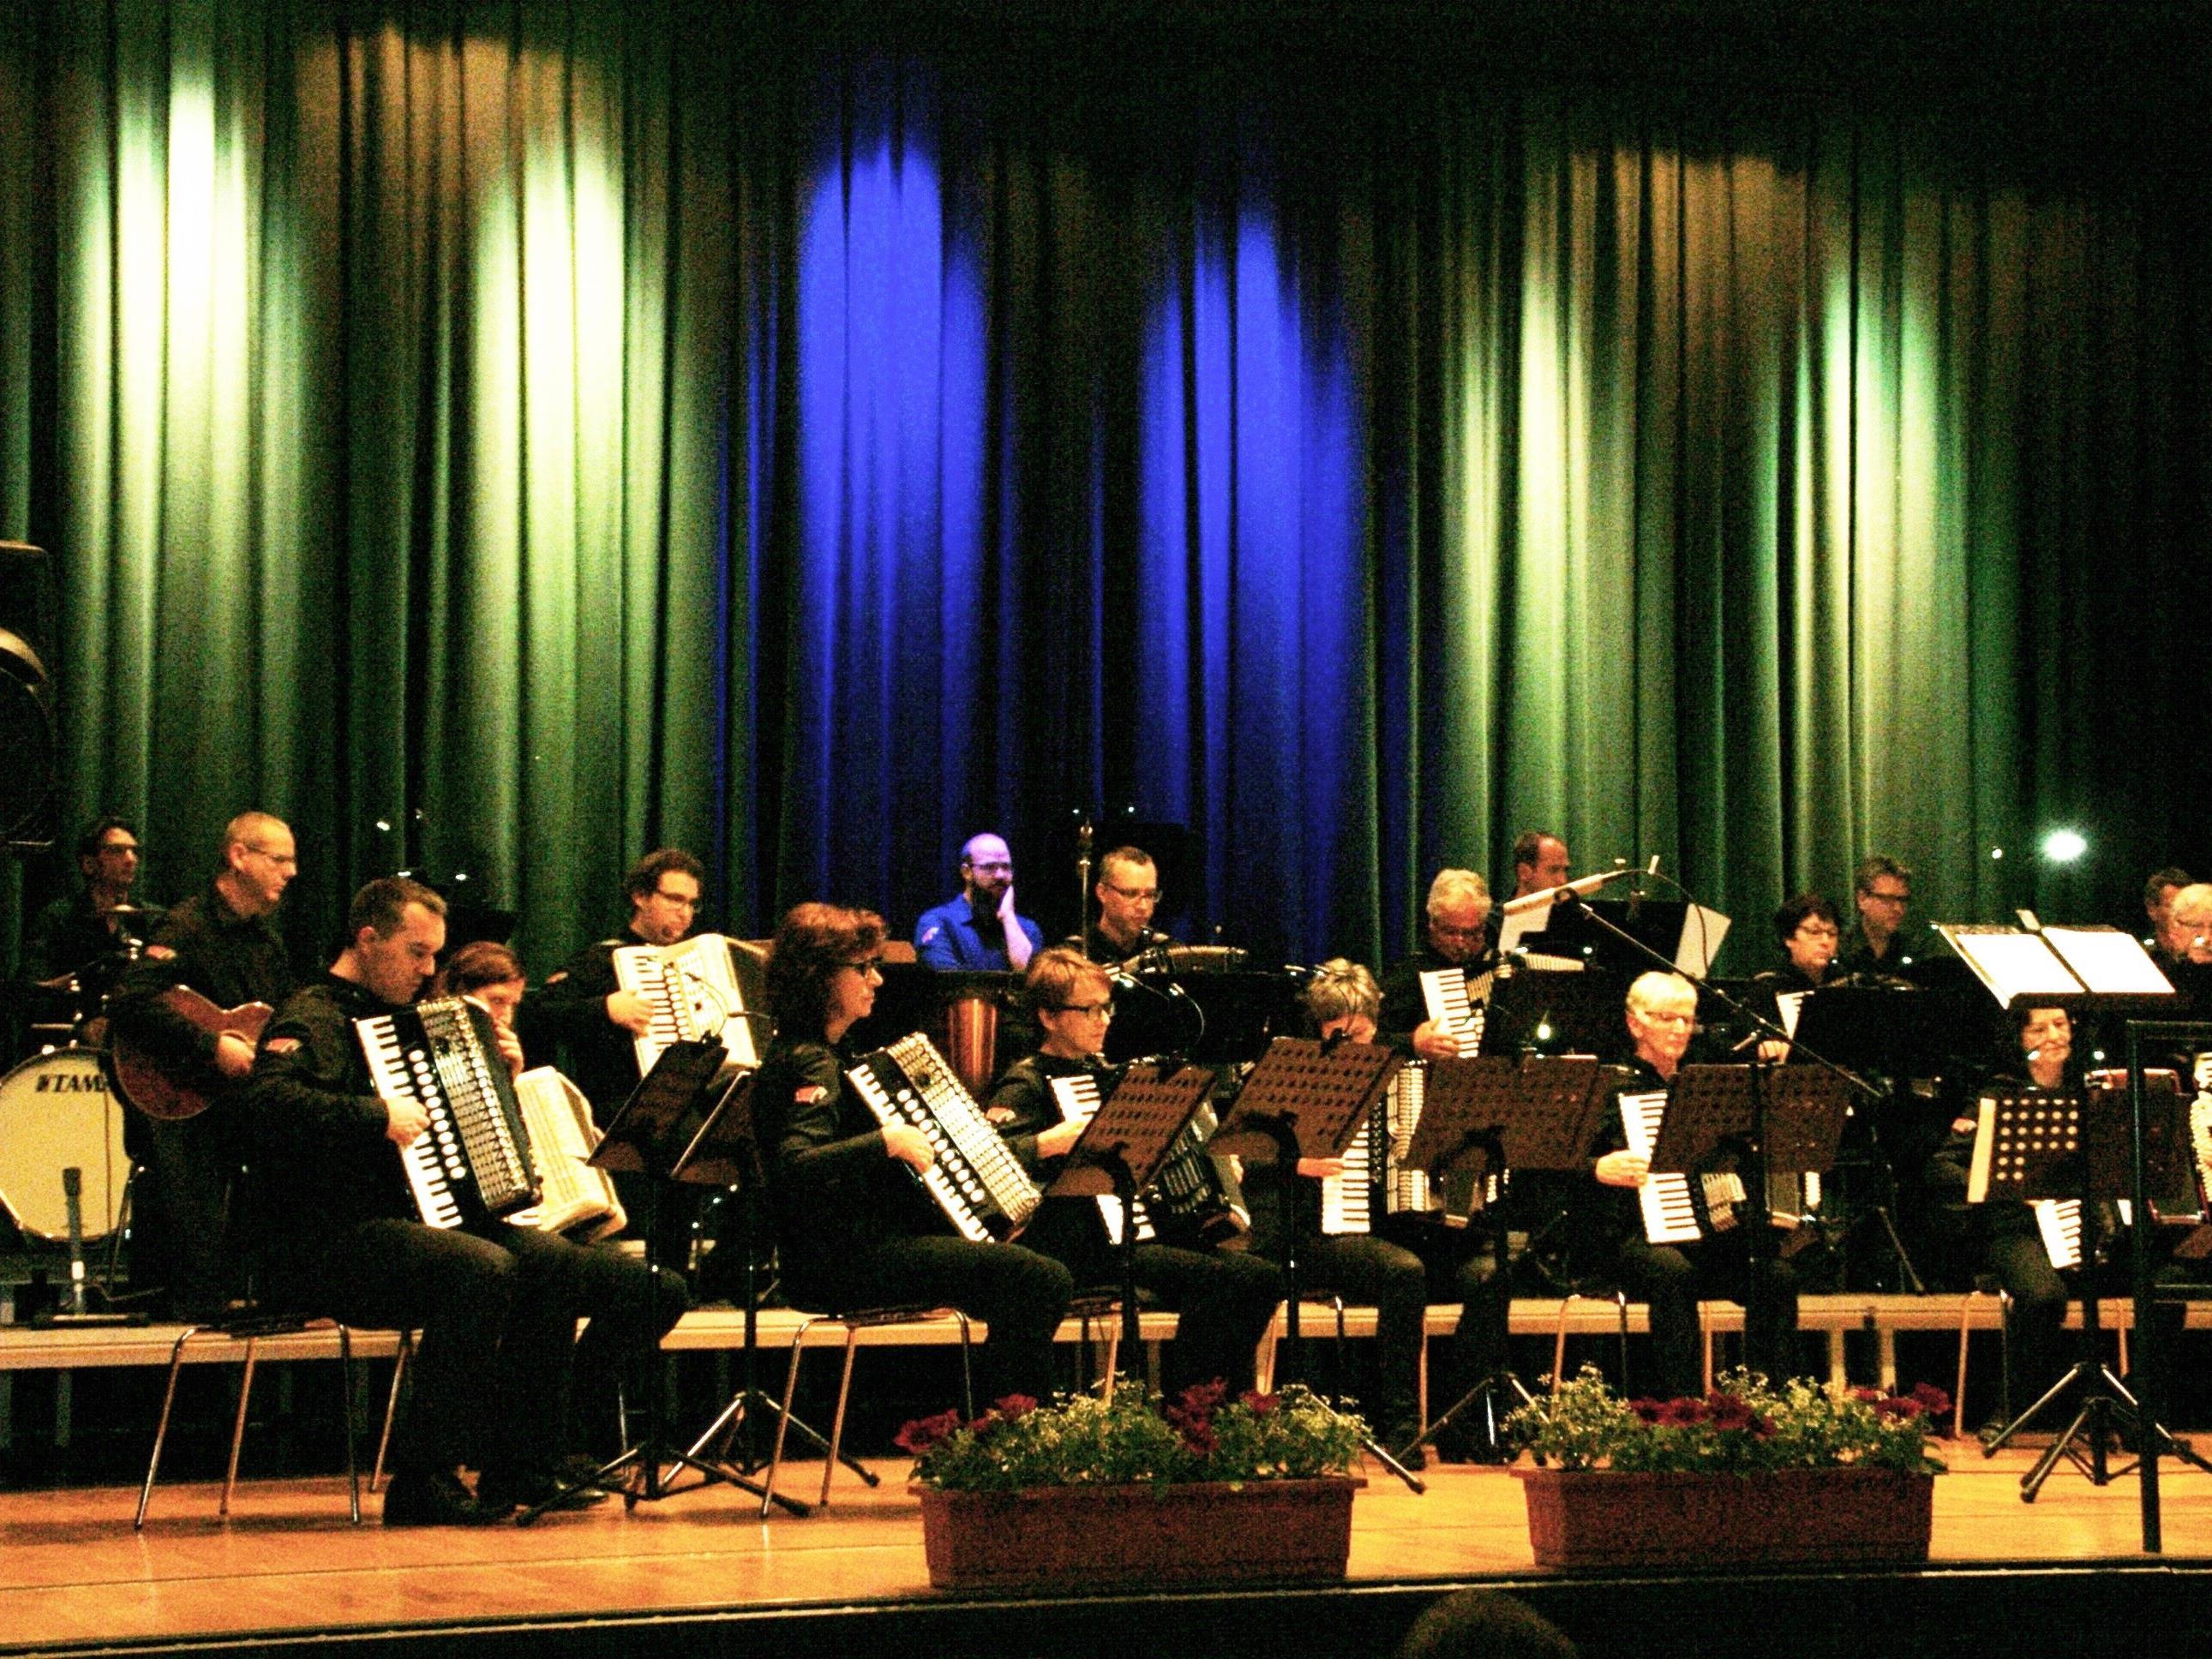 Der Akkordeonclub Altach spielte zum Konzert auf.